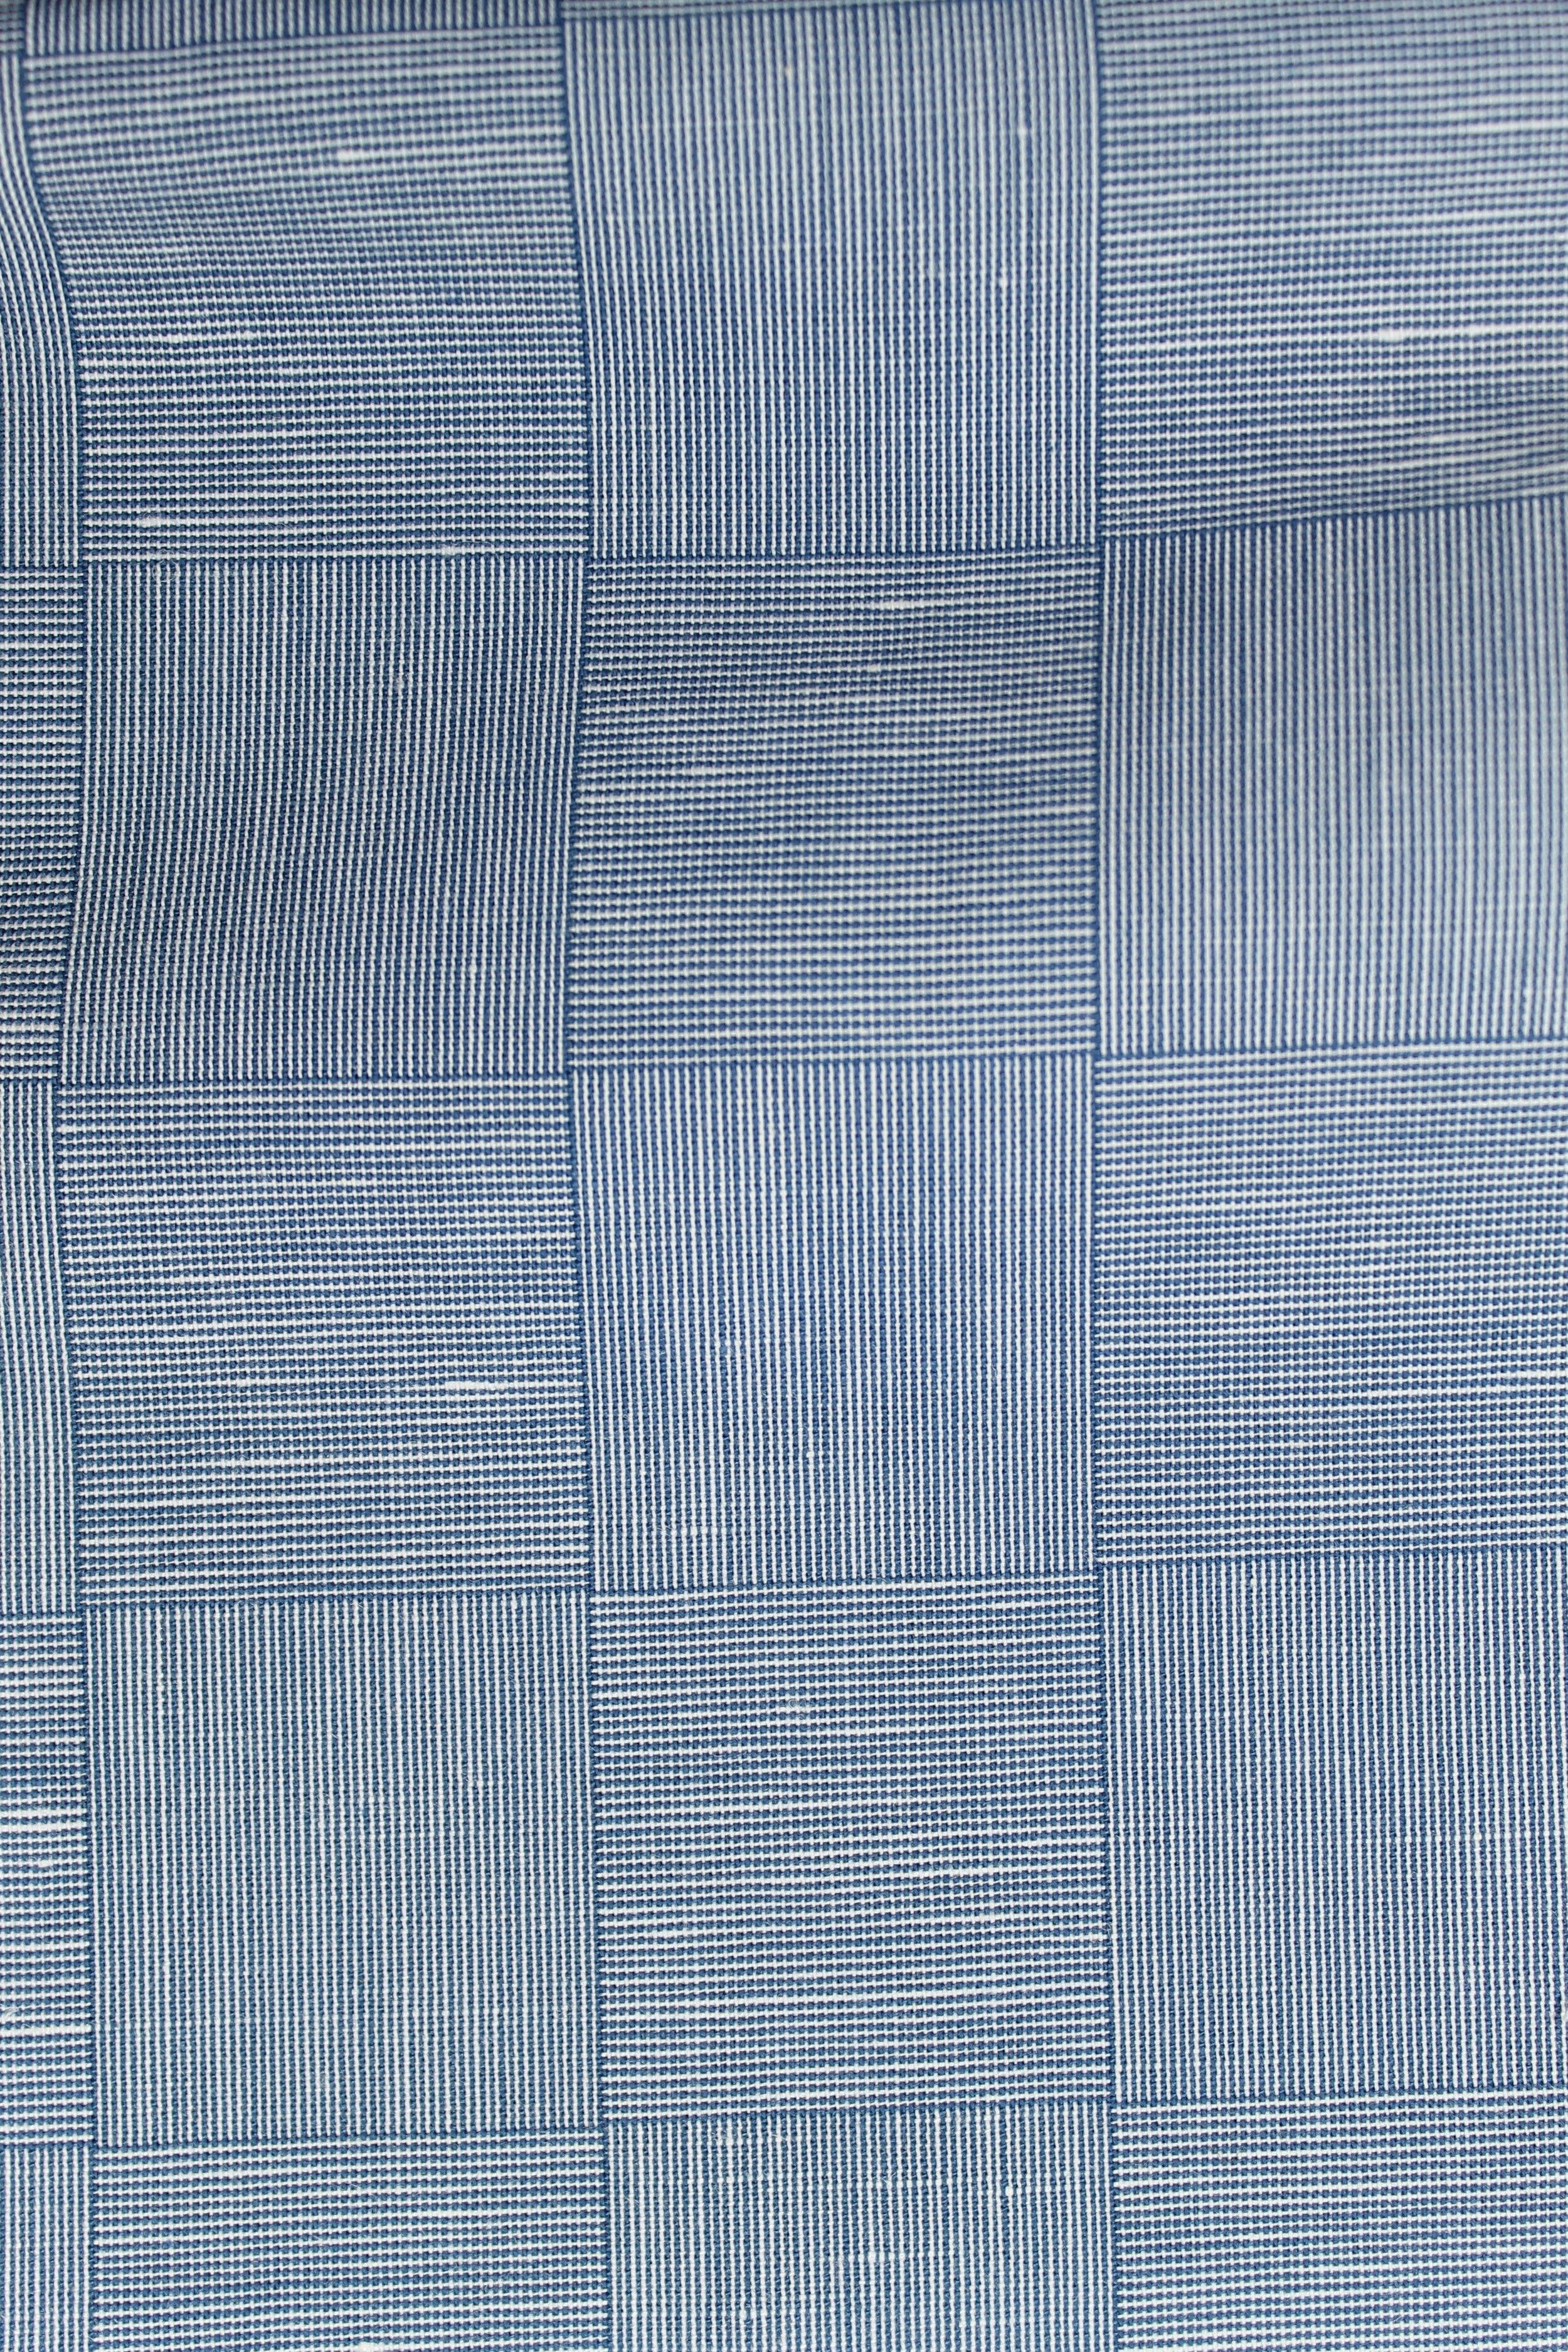 L127 Blue Checkerboard Cotton Twill.JPG